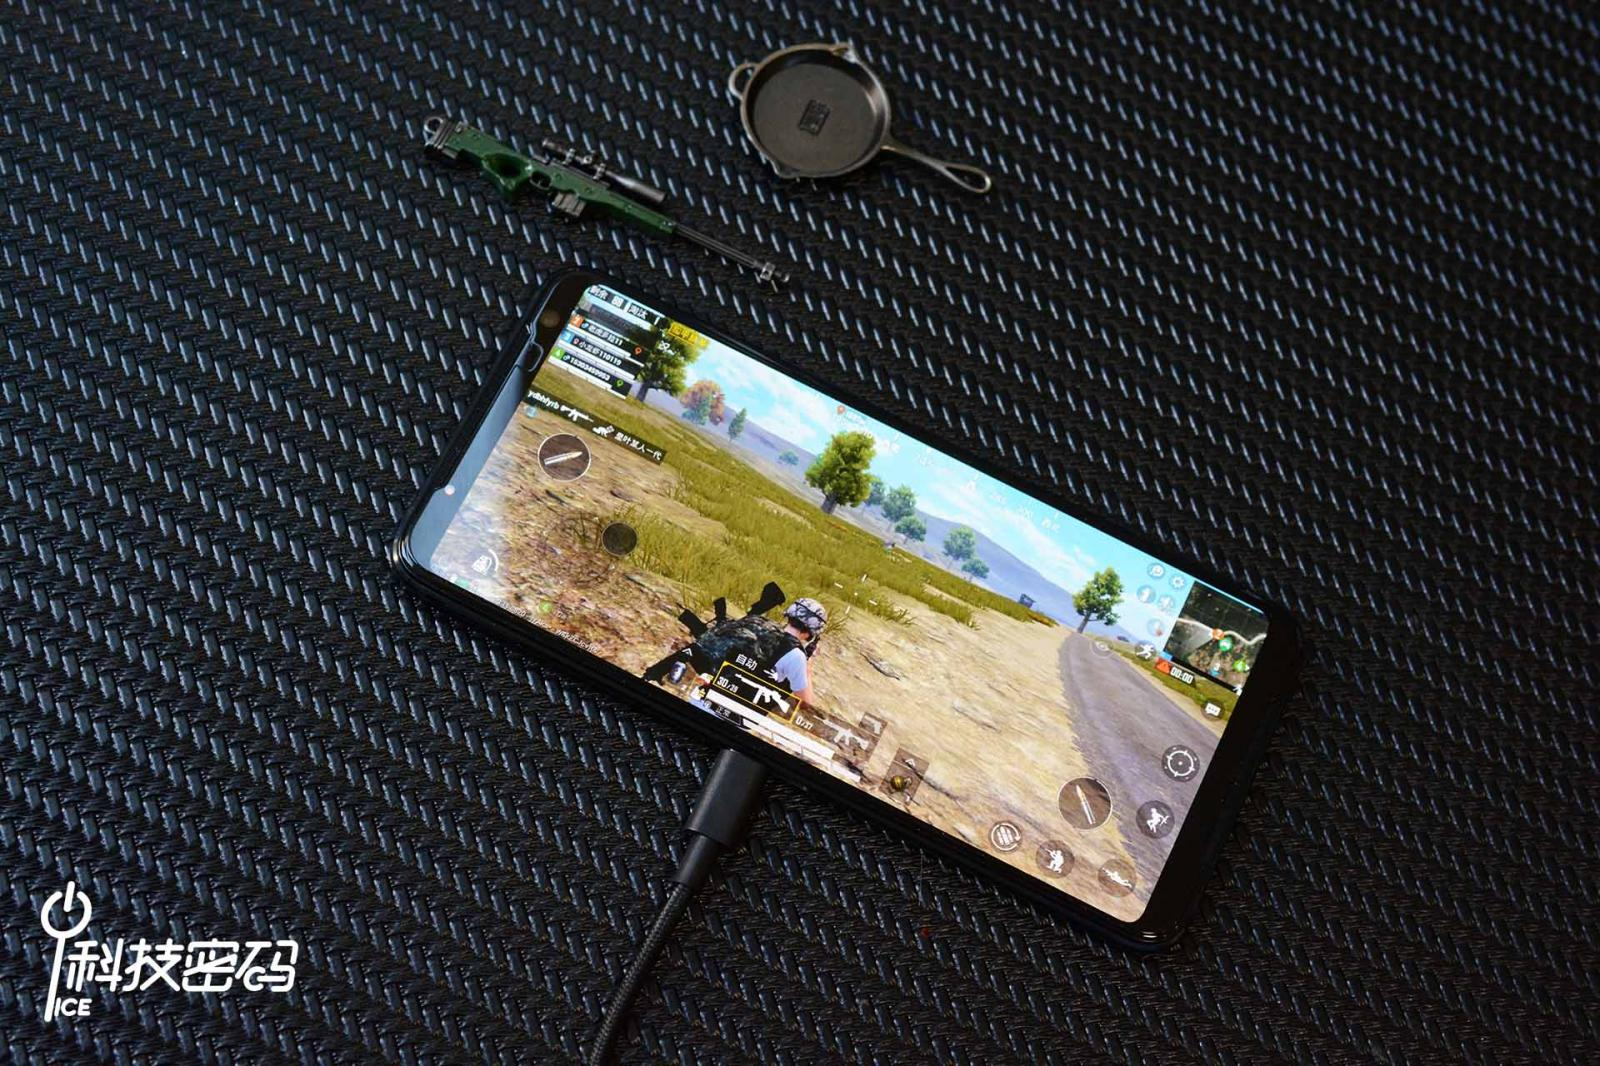 最强手机外设套装 ROG游戏手机3电竞装甲图赏